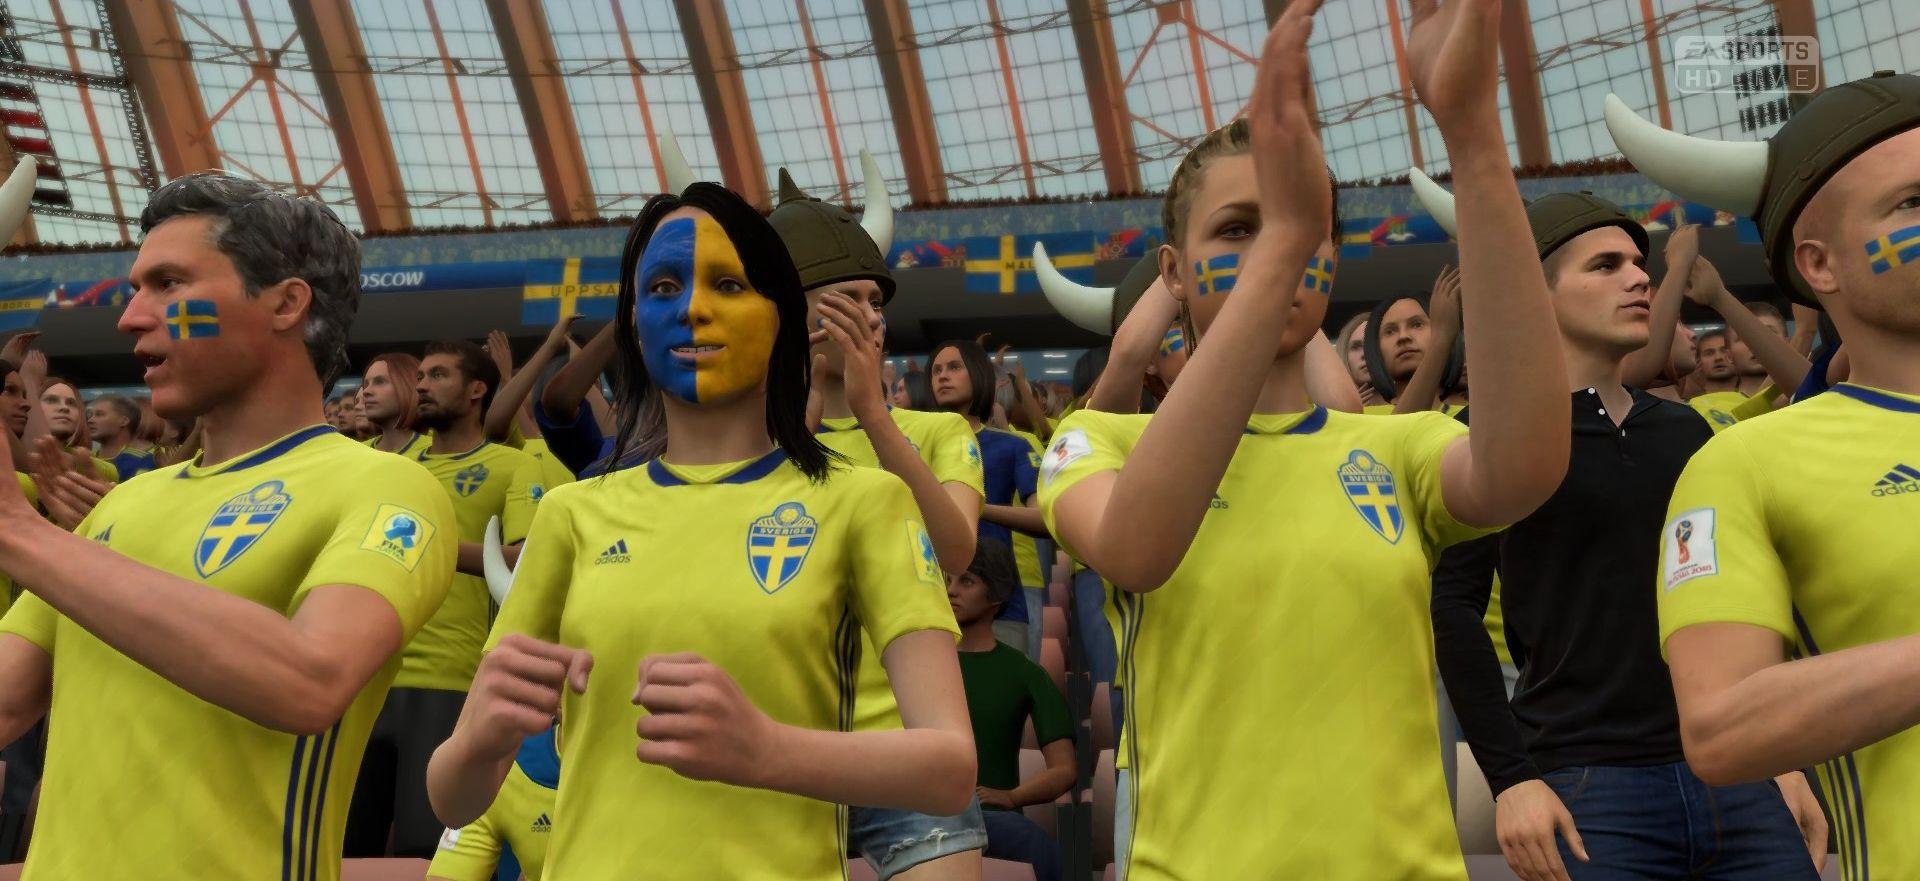 Шведские болельщики на матче Германия - Швеция